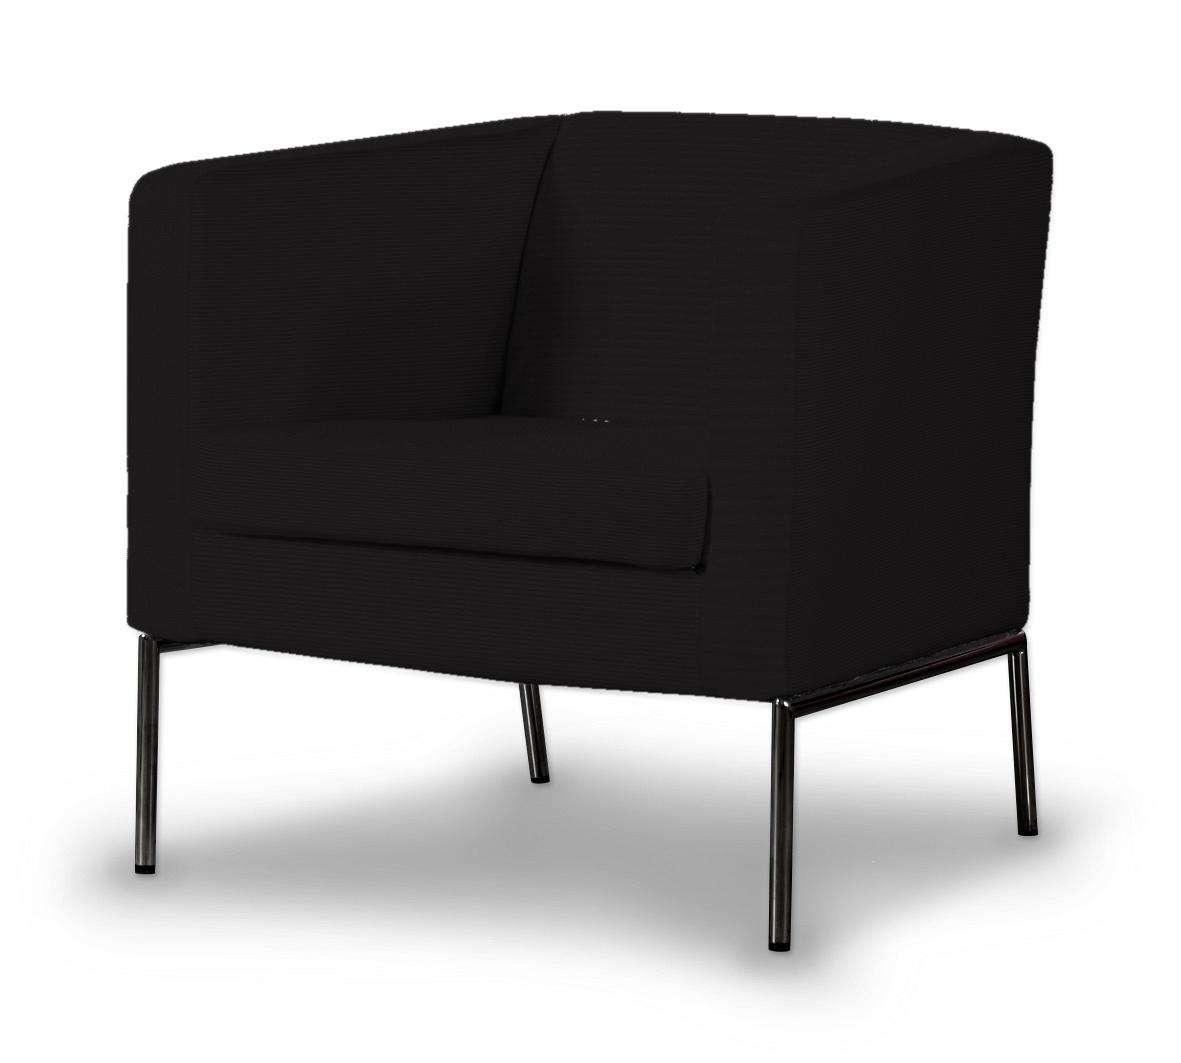 Klappsta Sesselbezug, schwarz, Sessel Klappsta, Cotton Panama